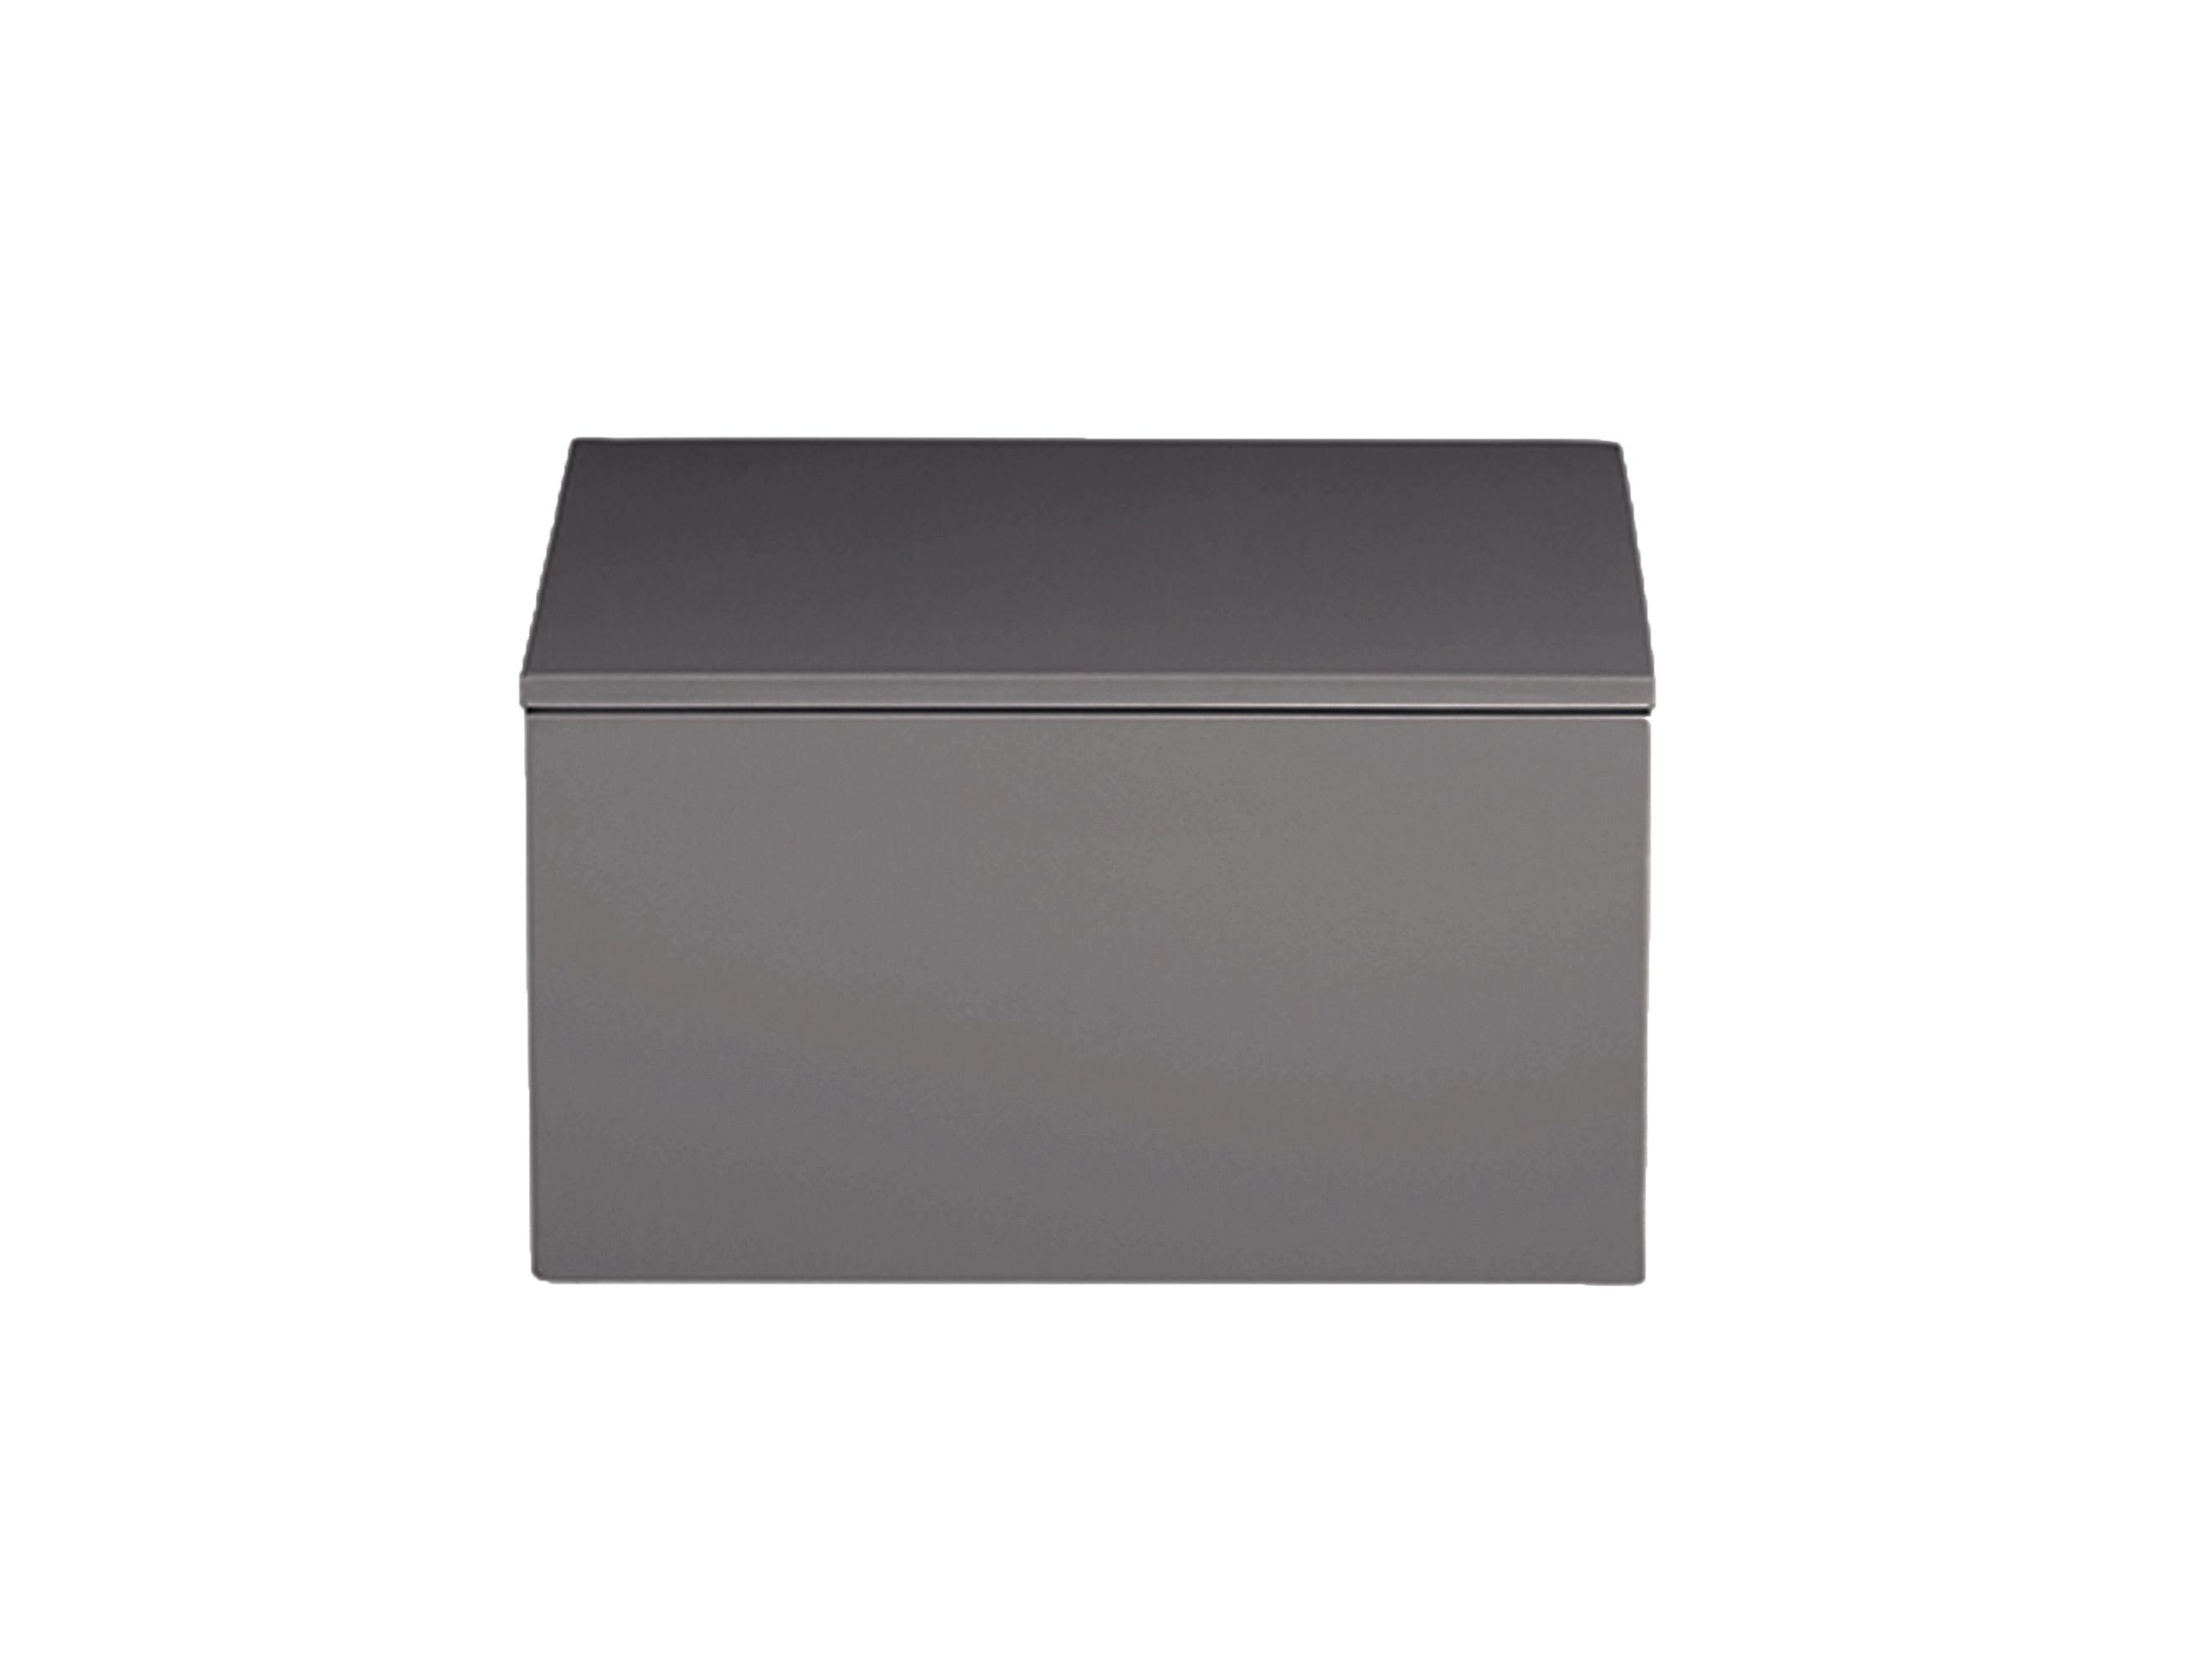 Mojoo Lackbox mit Deckel 19x19x10,5 cm